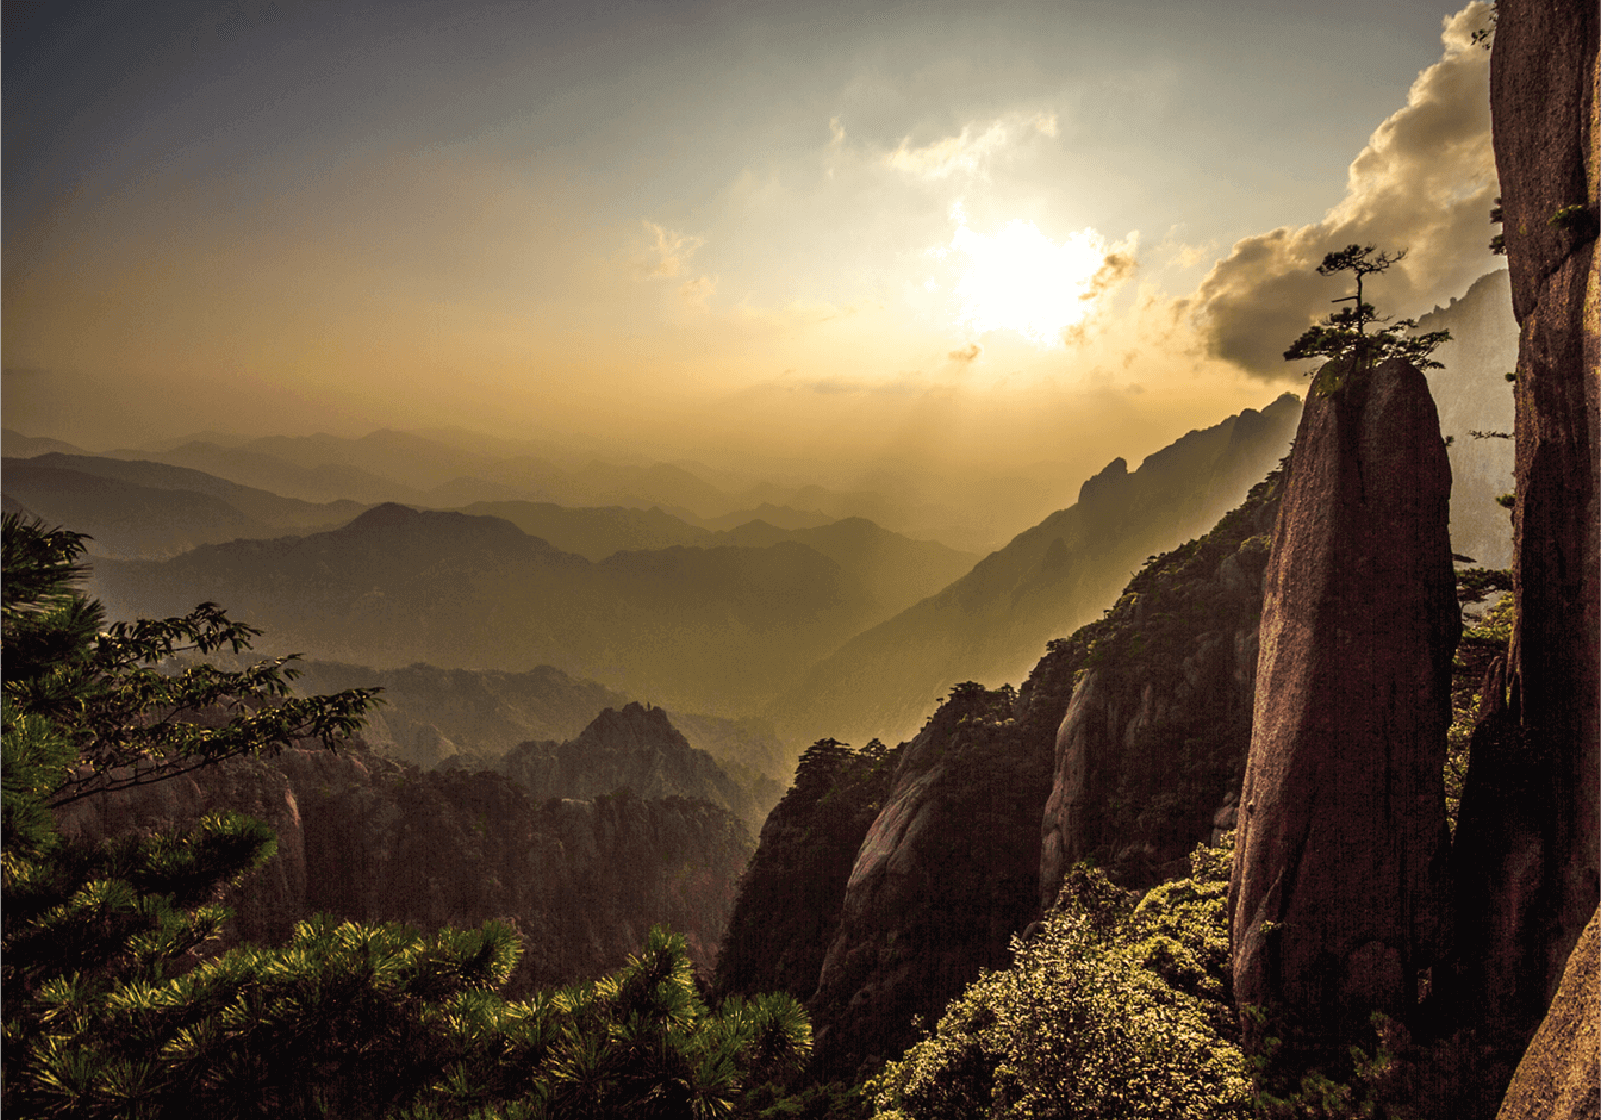 As maravilhosas montanhas Huangshan, na China. Com os seus peculiares picos de granito e os caraterísticos pinheiros que nos oferecem paisagens inacreditáveis © Susana Gasalho